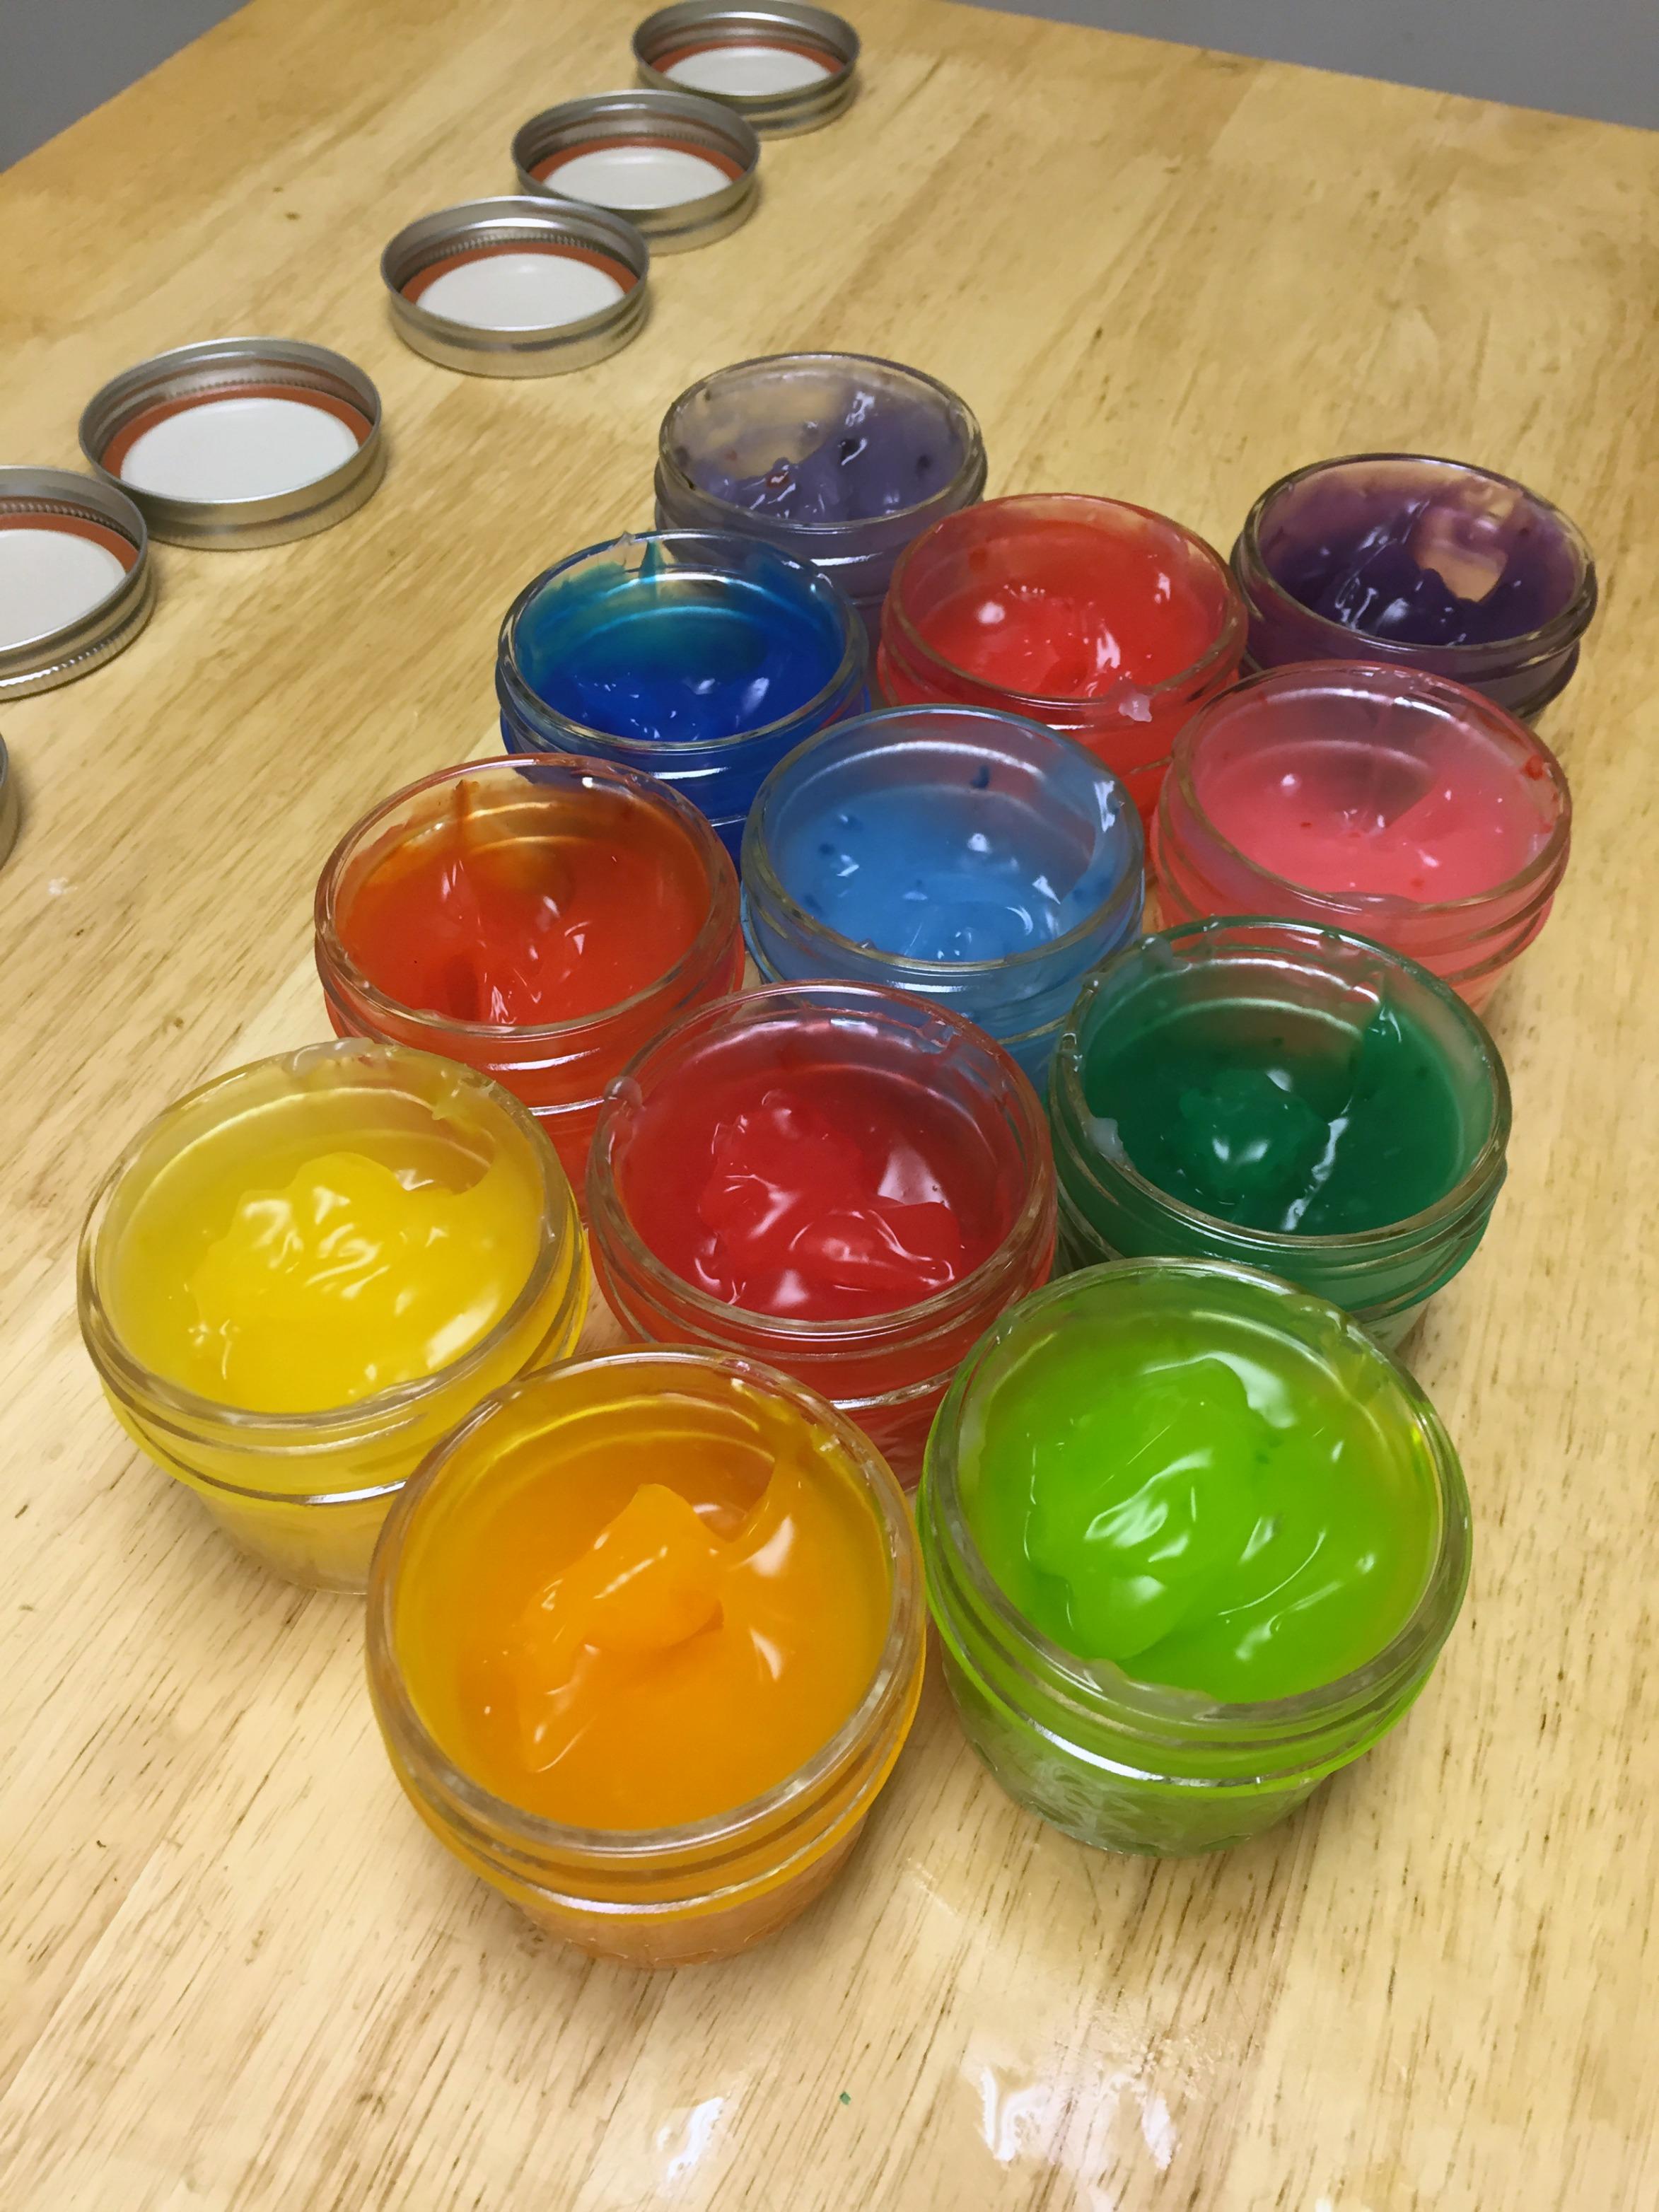 Homemade Finger Paint Recipe #HugtheMess #cbias